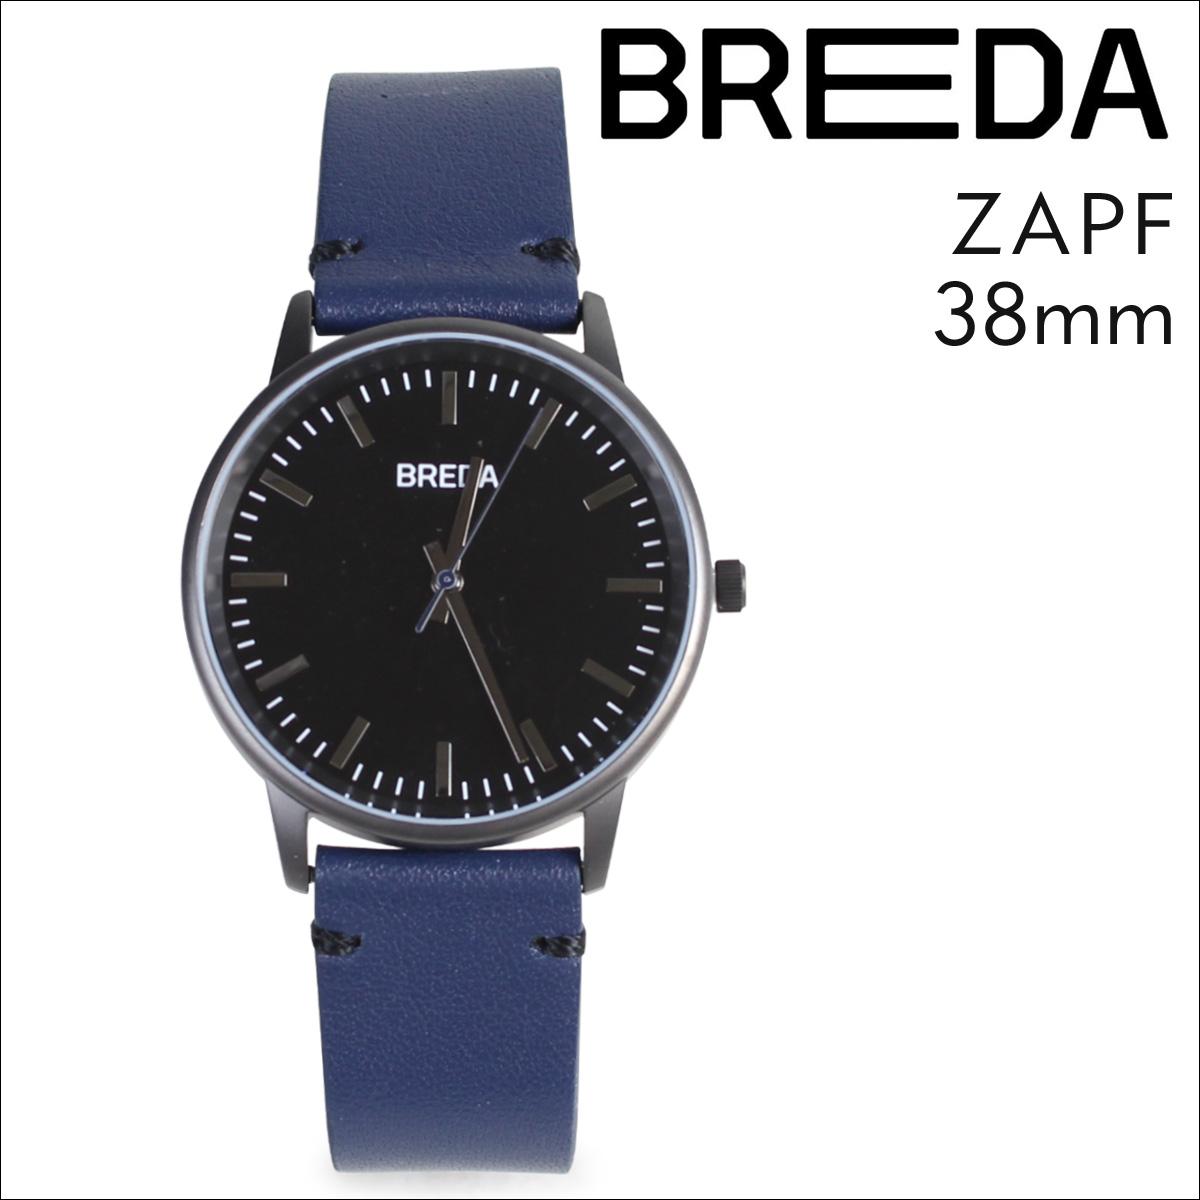 ブレダ BREDA 腕時計 38mm メンズ 時計 ツアップ ZAPF 1697G ガンメタル ネイビー